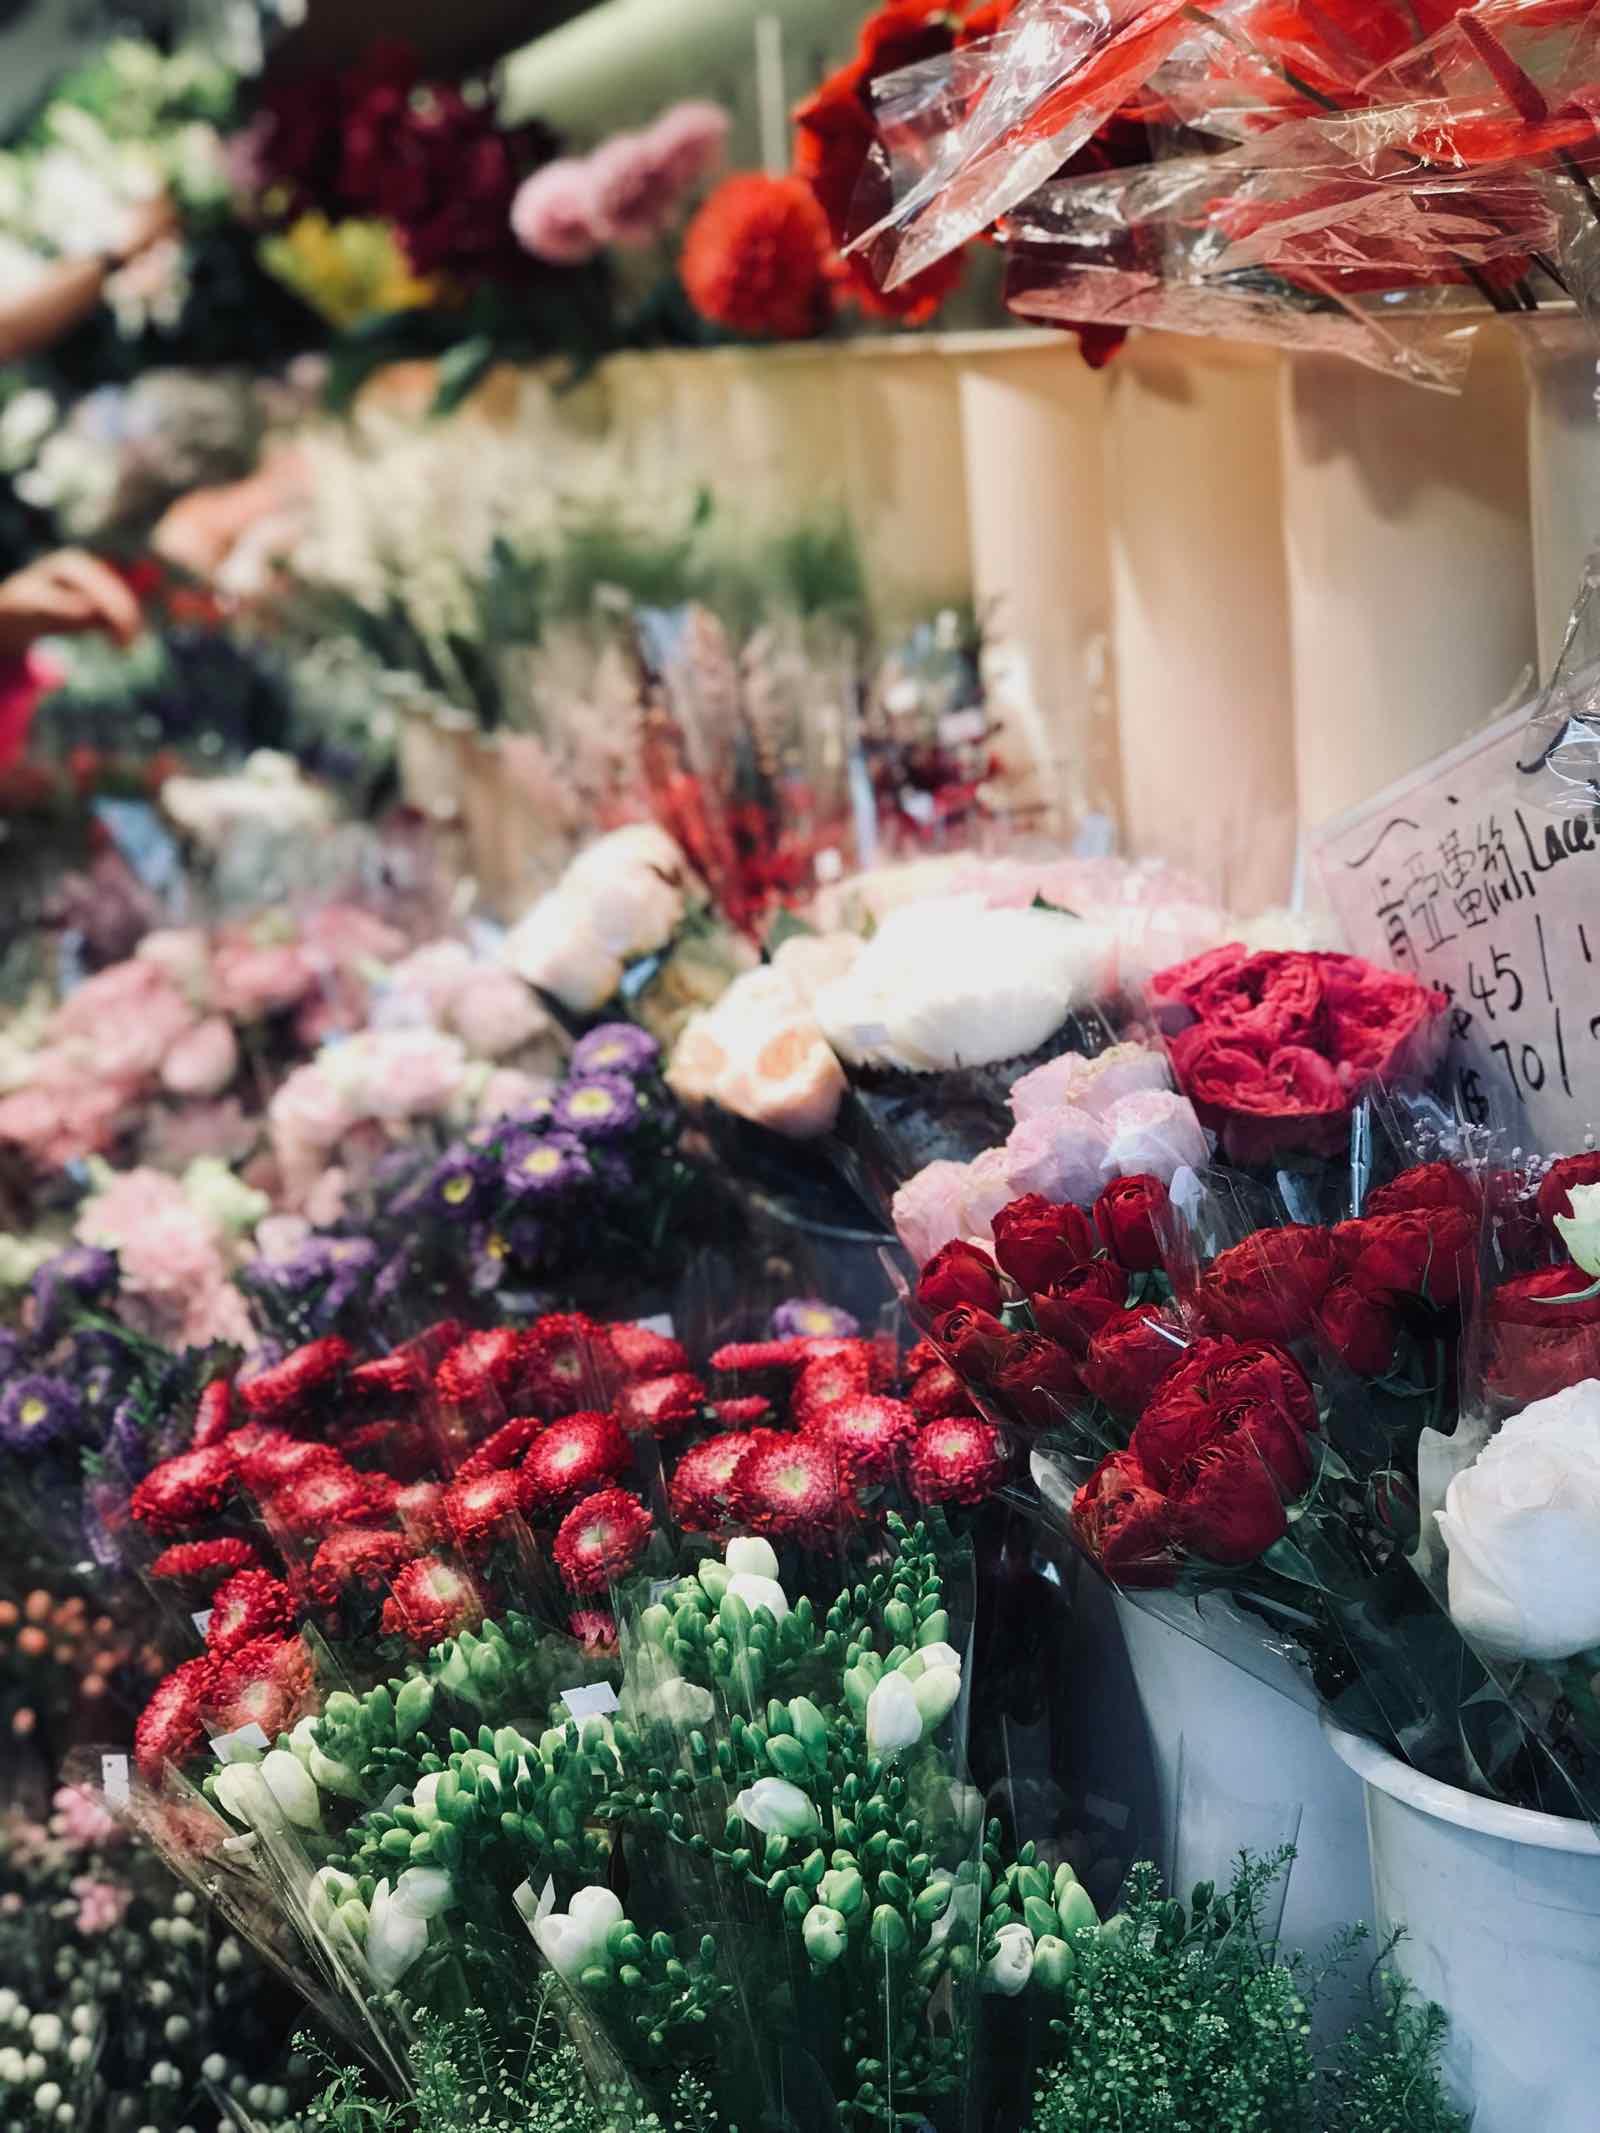 hong-kong-flower-market.jpg